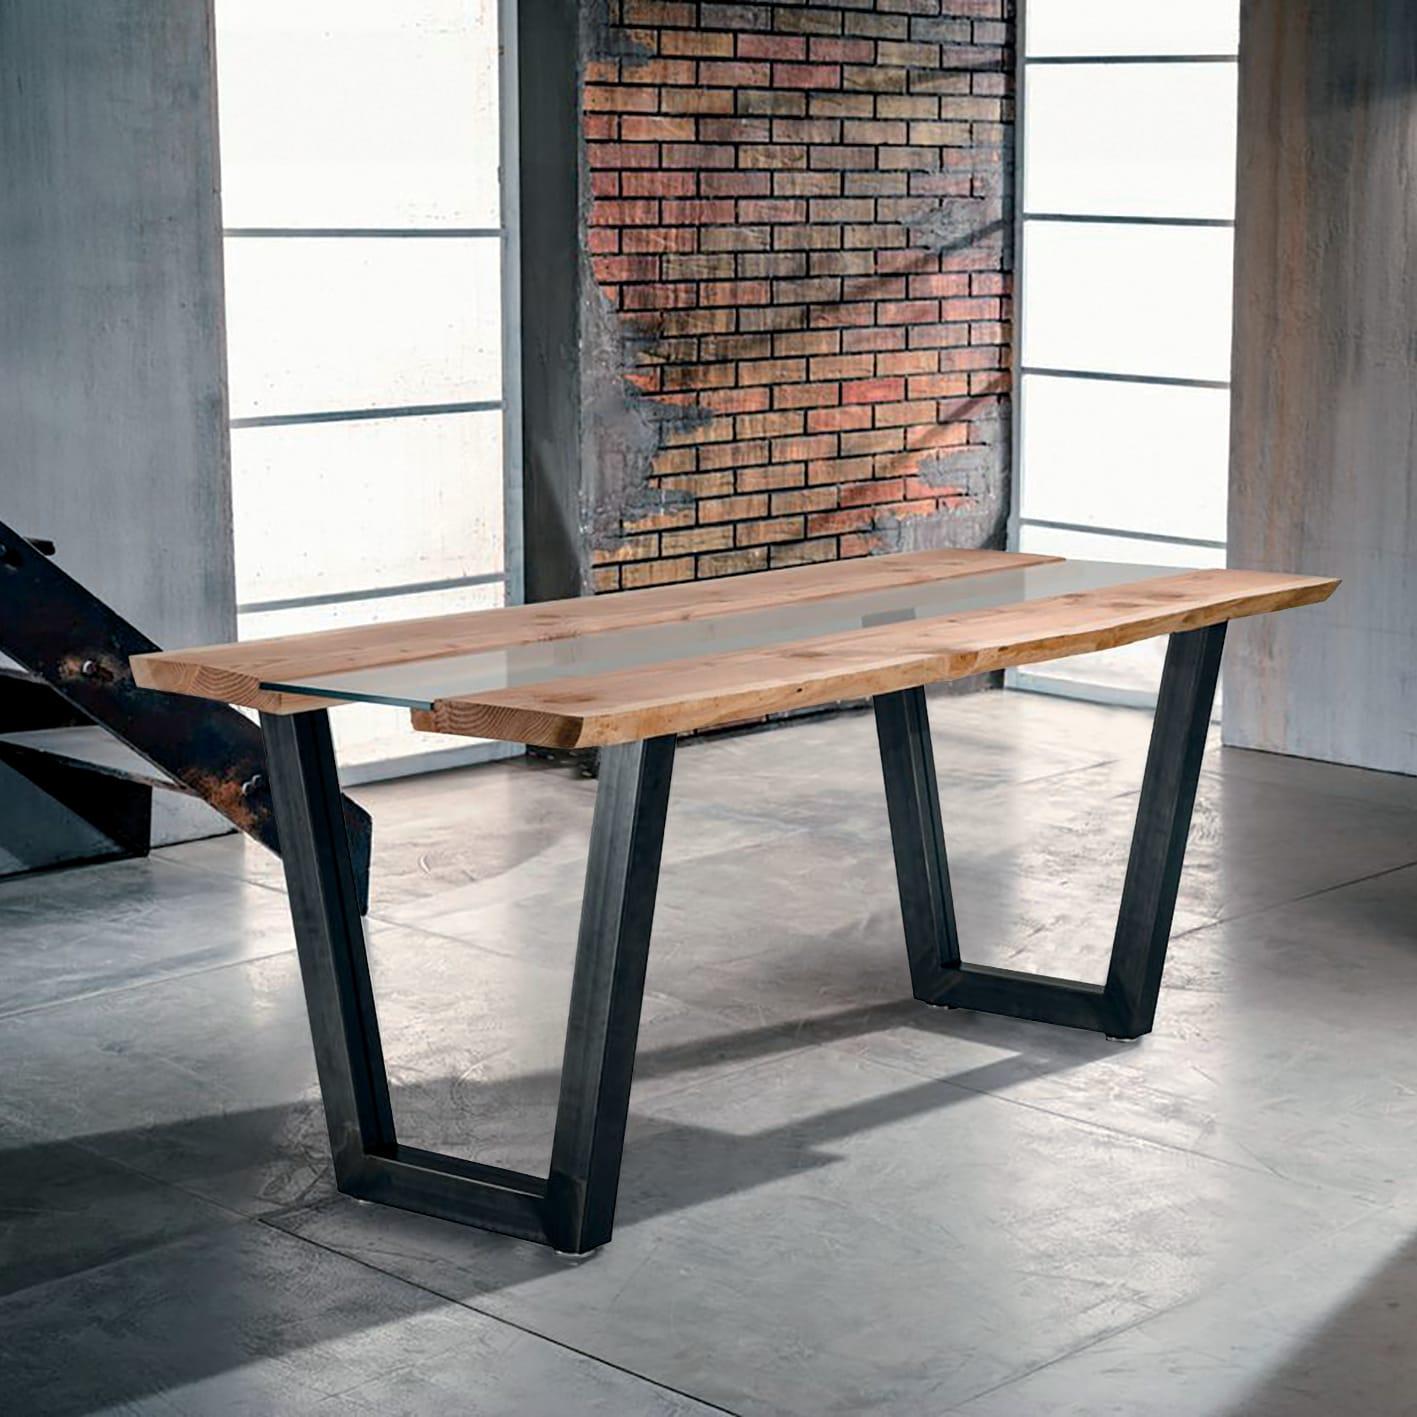 Legno Grezzo Per Tavoli tavolo rettangolare vertigo con piano in legno l 85 x p 160 cm